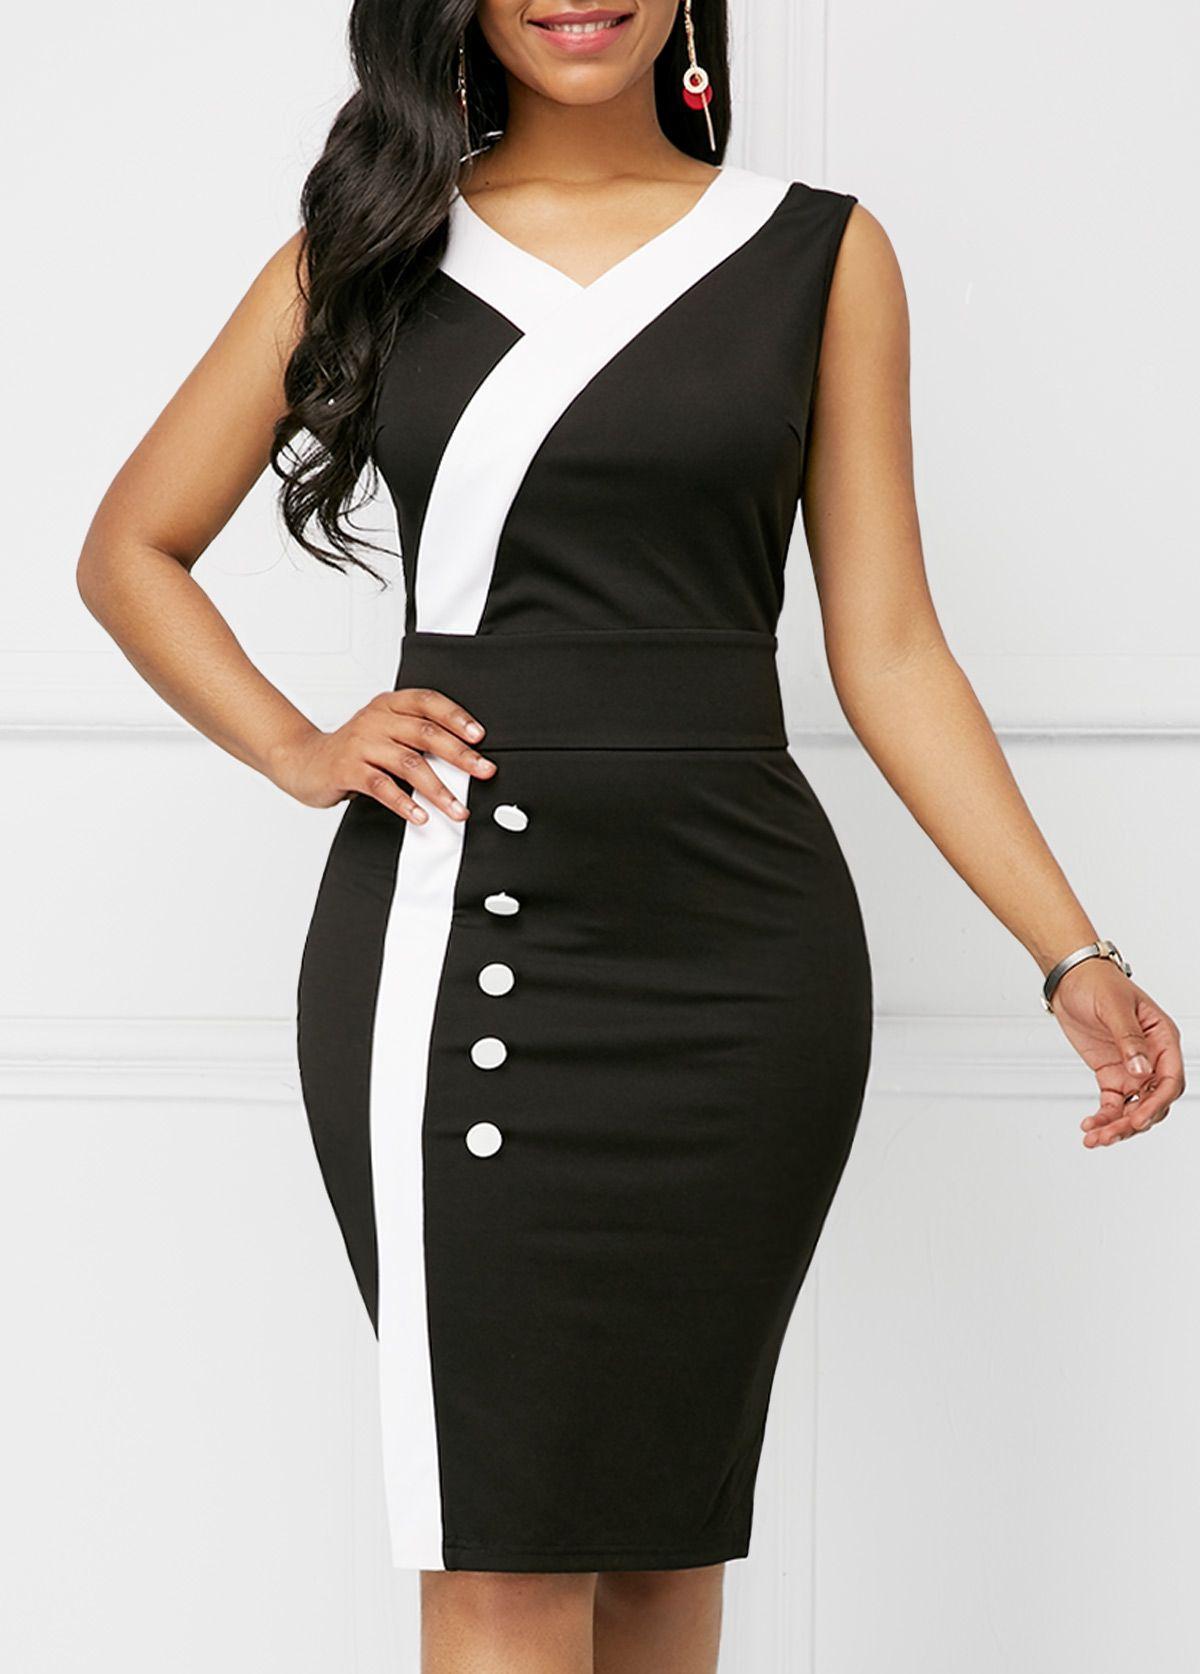 Office Wear Dresses Online Ficts